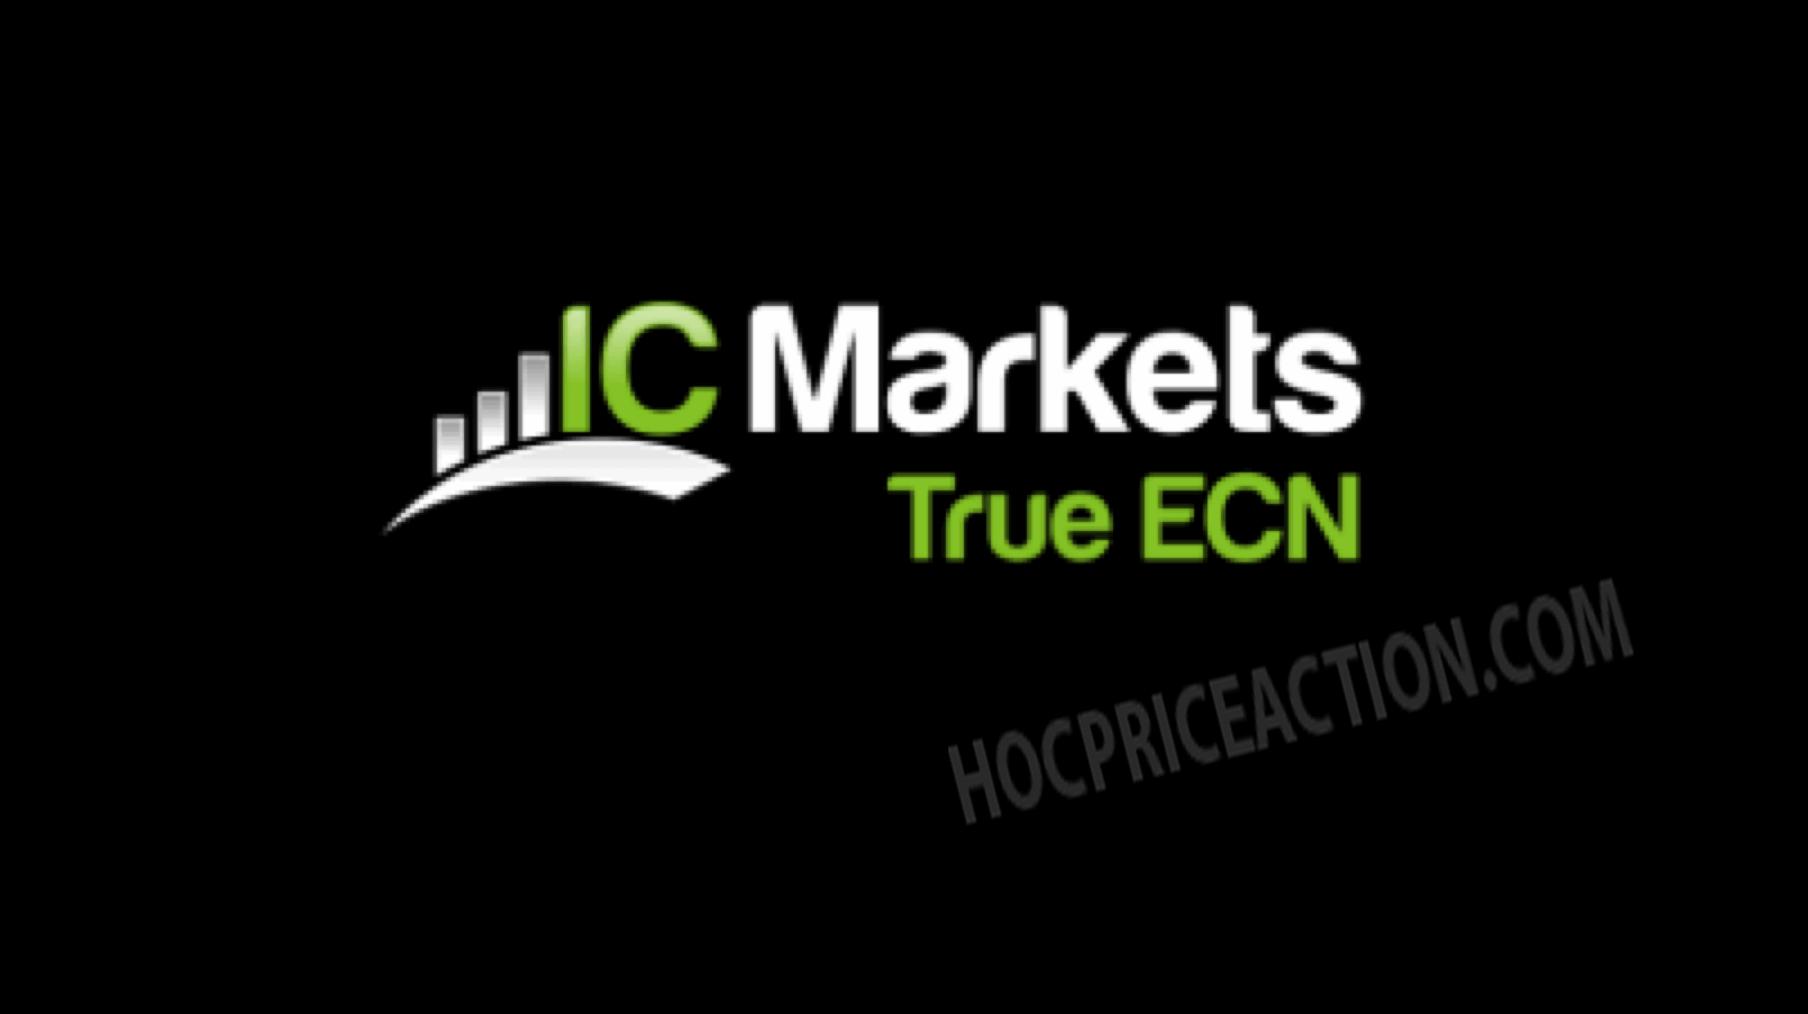 Bạn có thể giao dịch tất cả trên ICMarkets